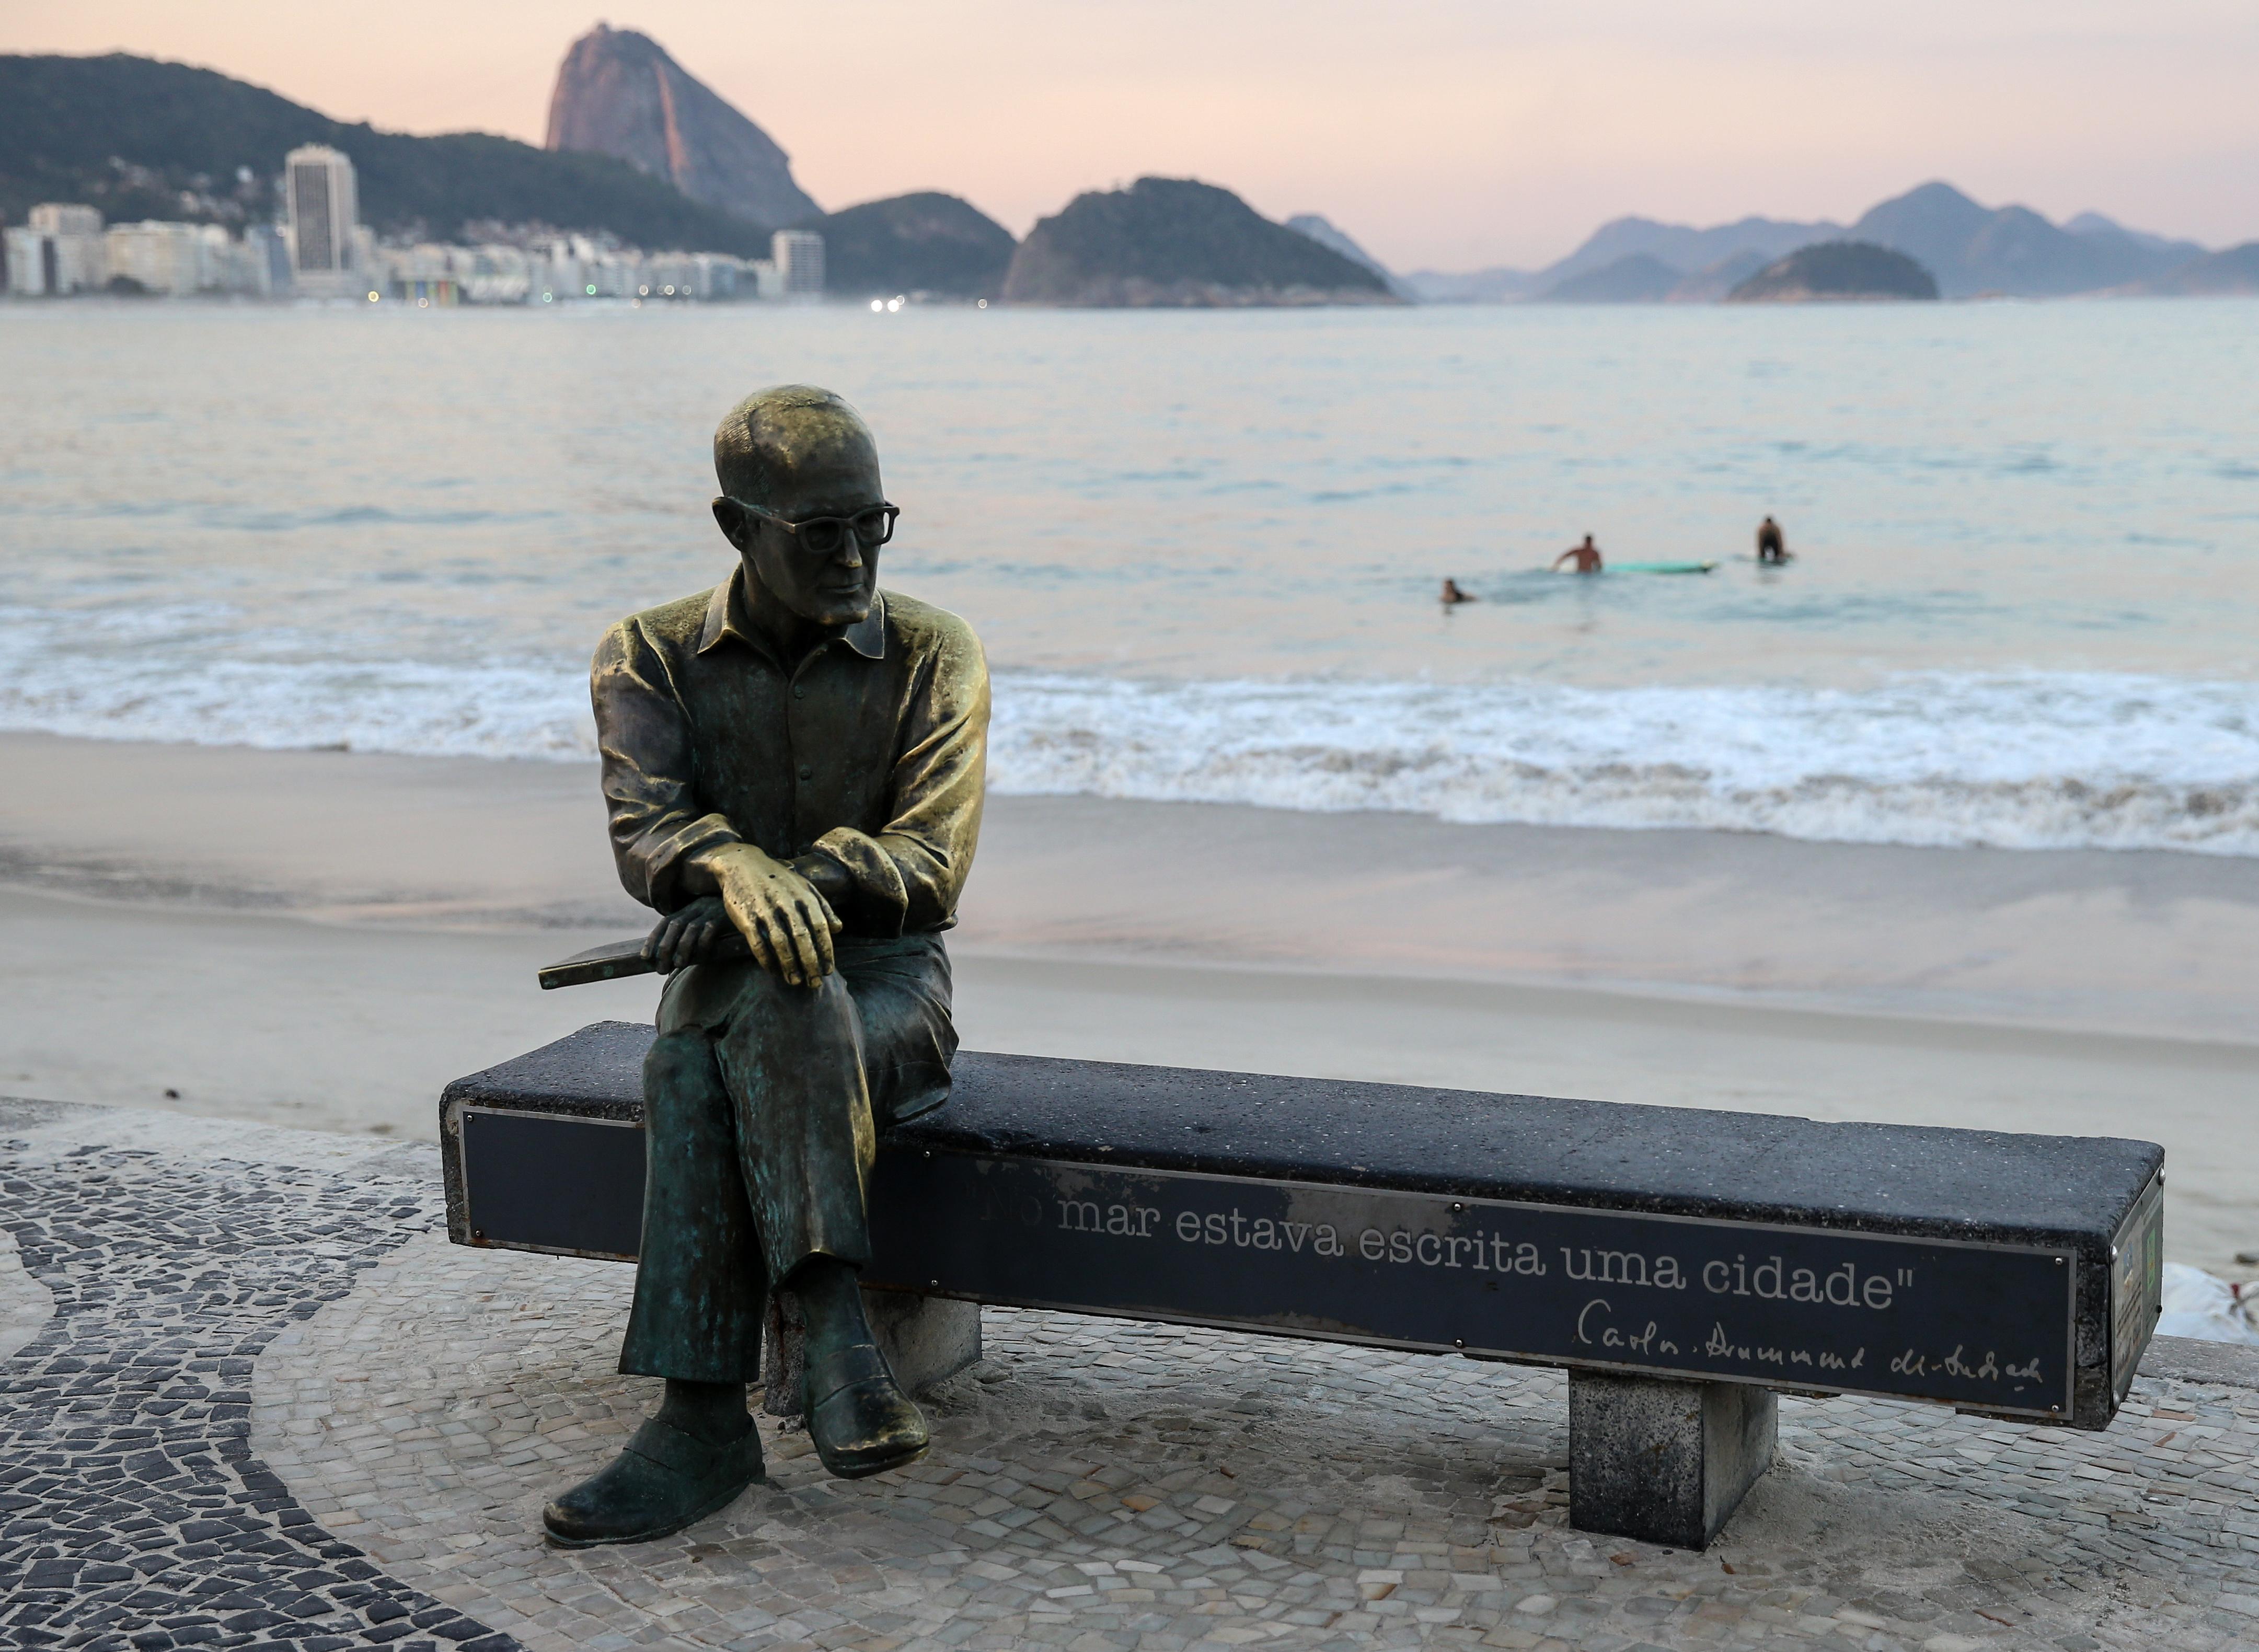 Estatua de Carlos Drummond de Andrade